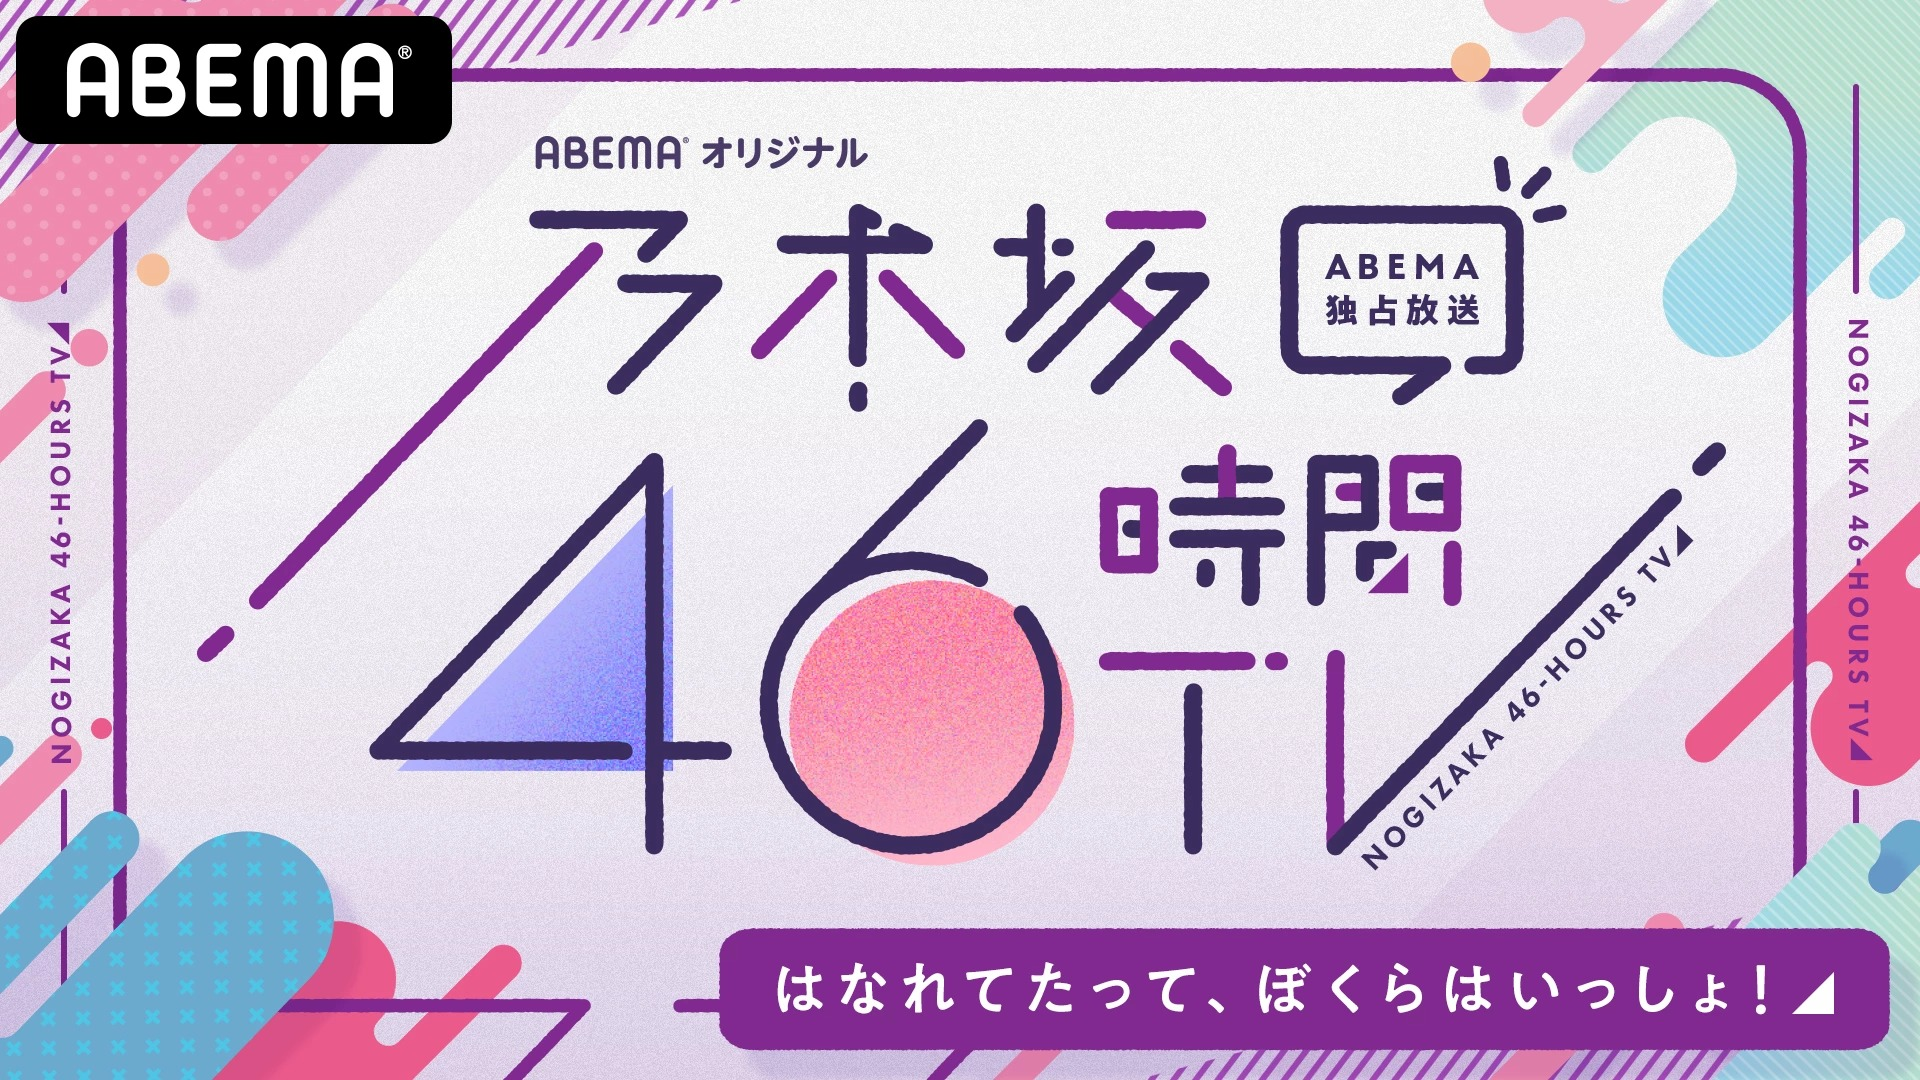 乃木坂46時間TV アベマ独占放送